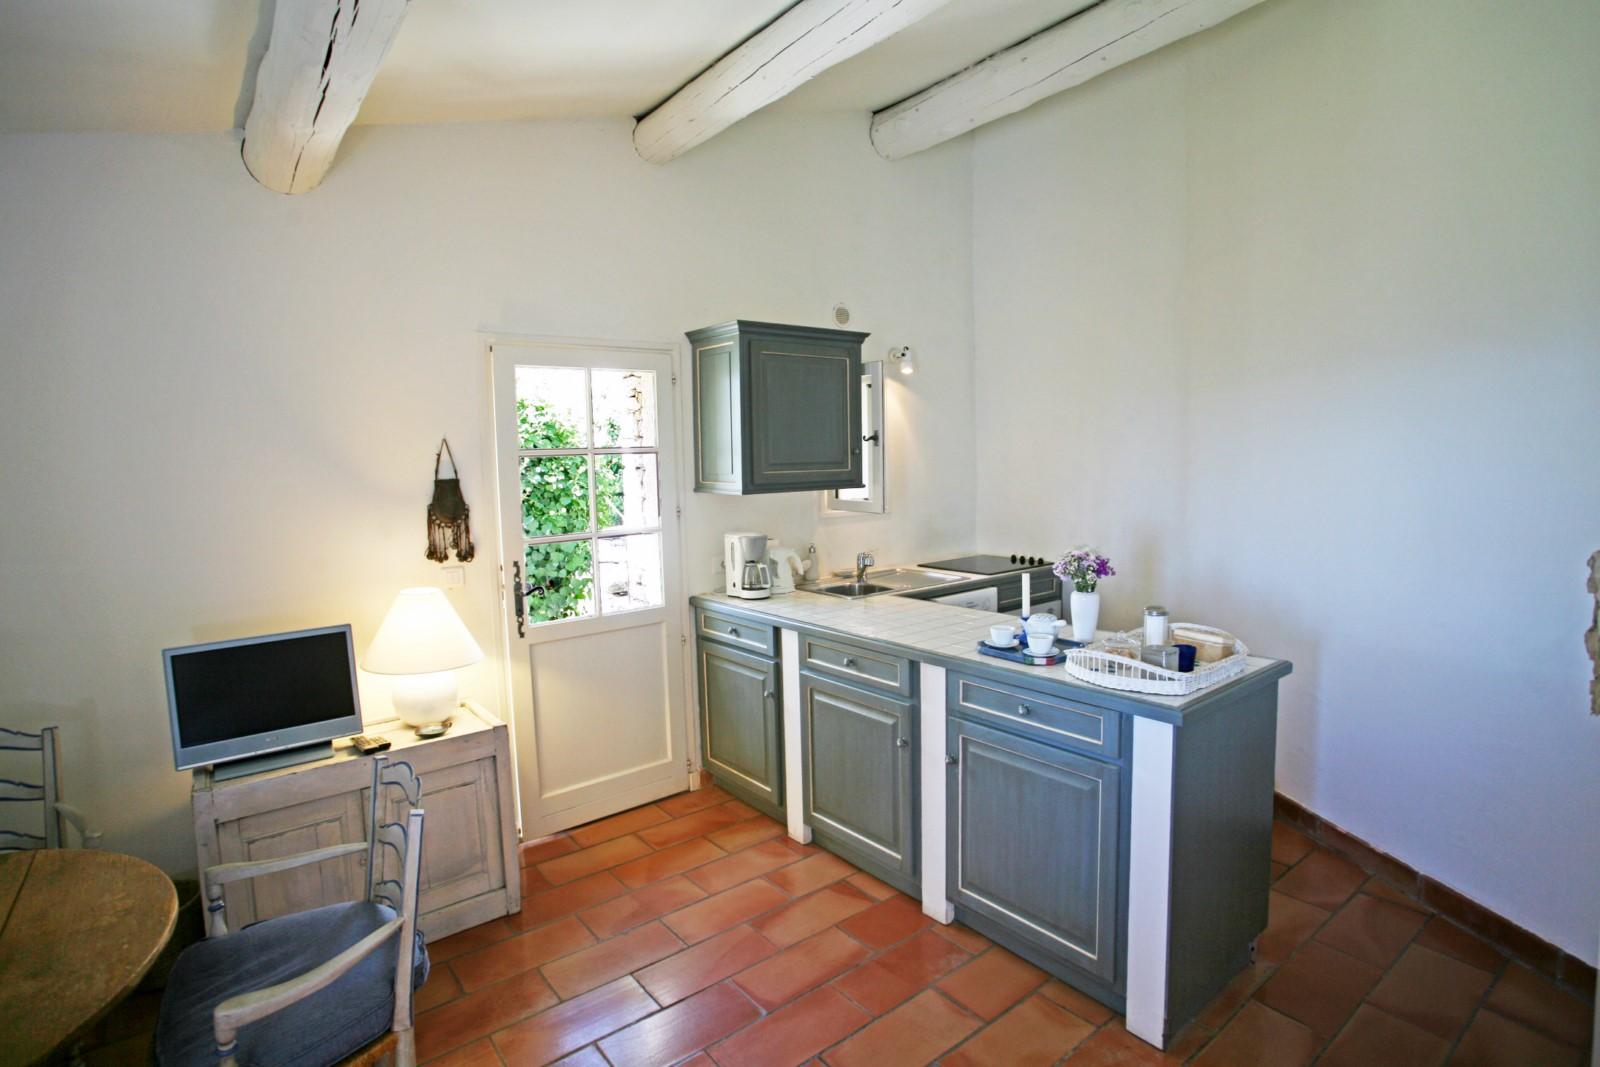 Le charme de la cuisine provençale